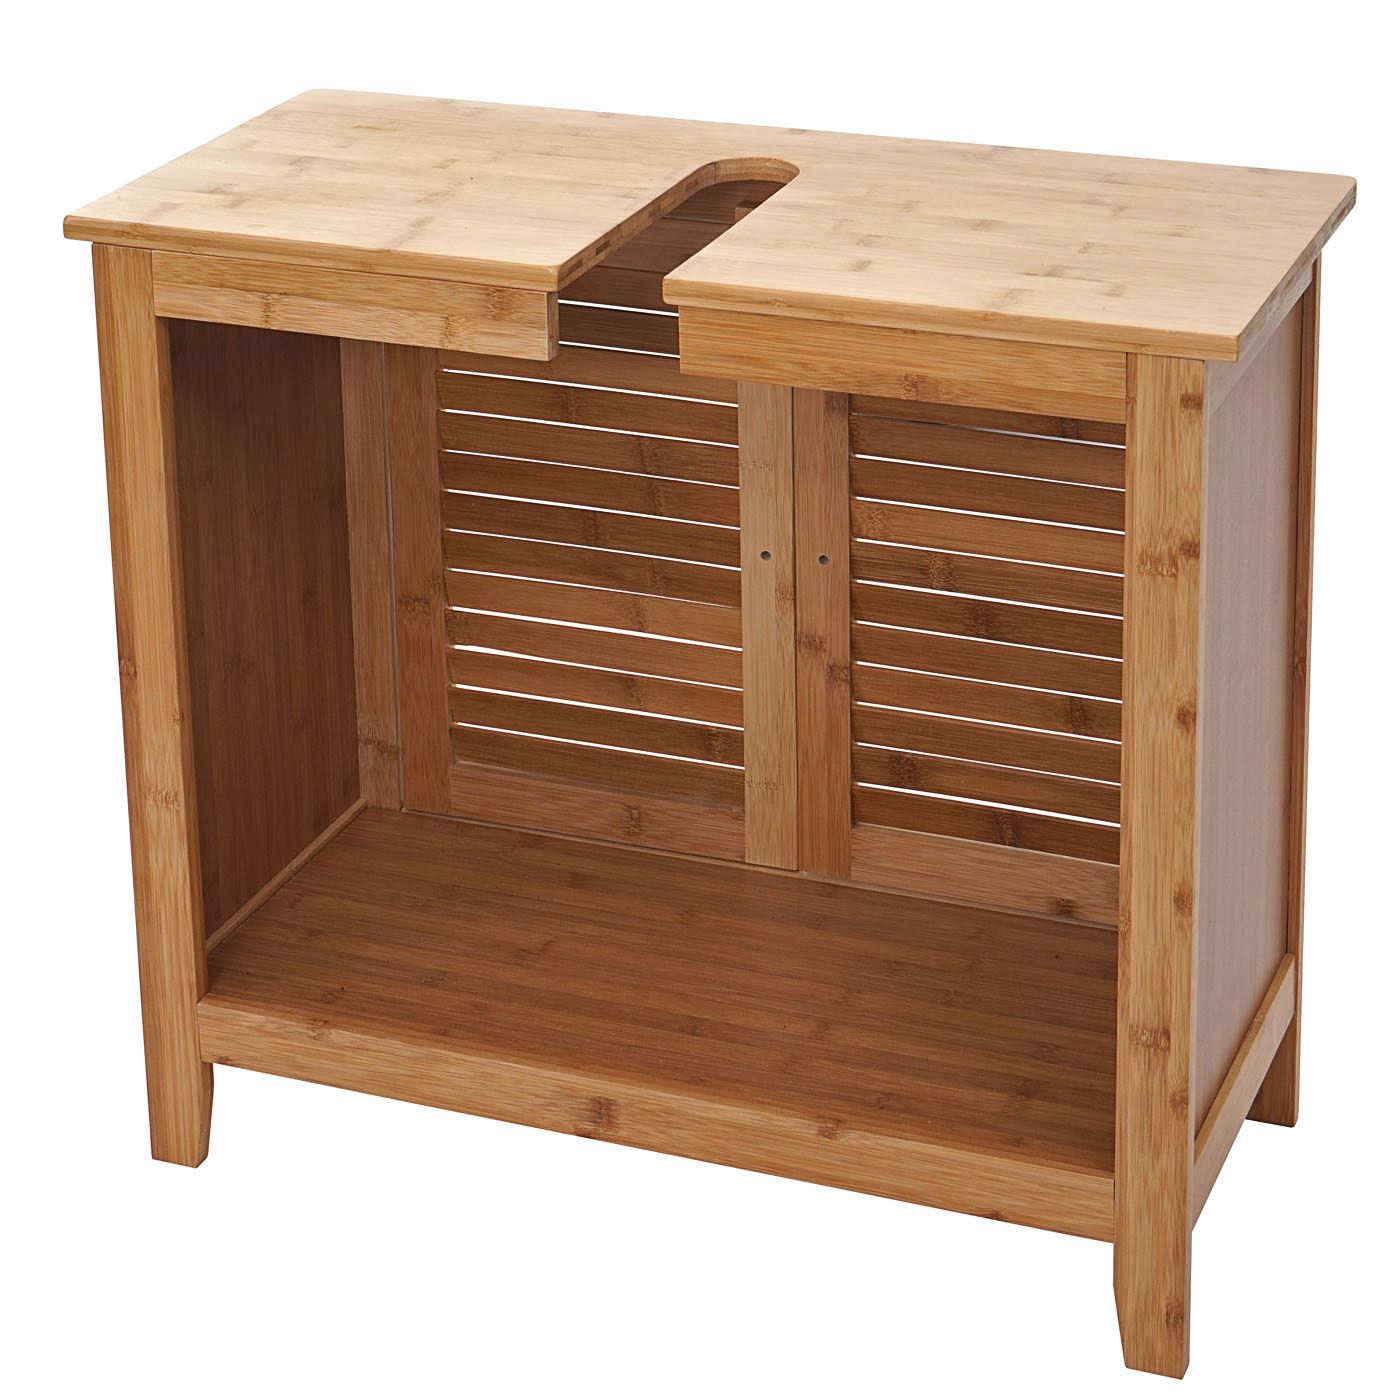 defekte ware waschbeckenunterschrank hwc b18 badezimmer. Black Bedroom Furniture Sets. Home Design Ideas